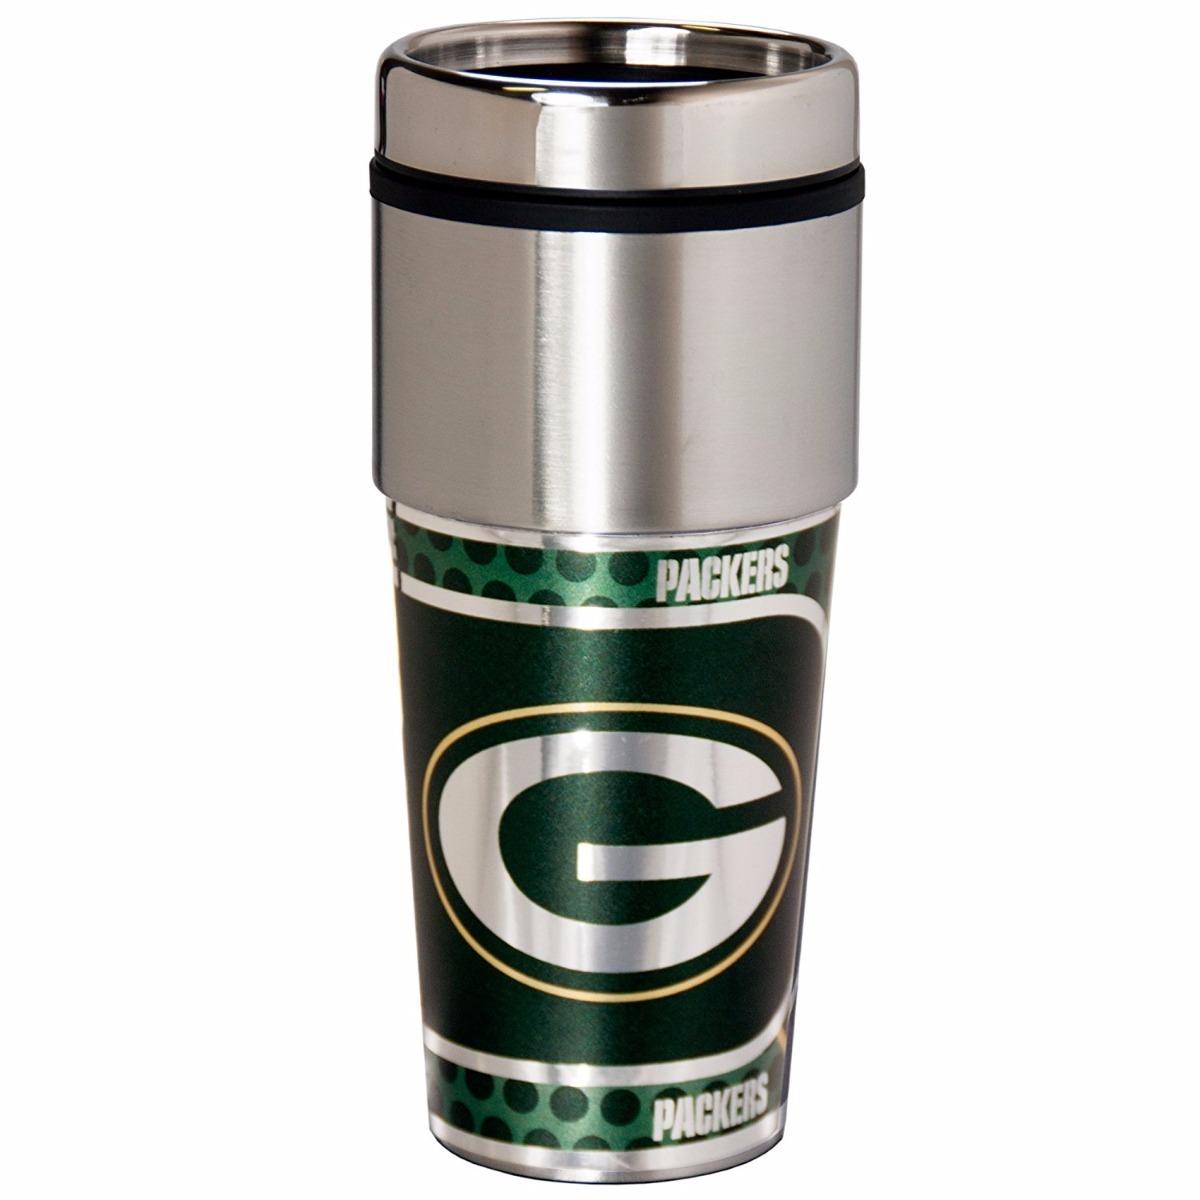 Nfl Green Bay Packers Termo Acero Inoxidable 16 Onzas -   697.00 en ... 2eefe04f8ce